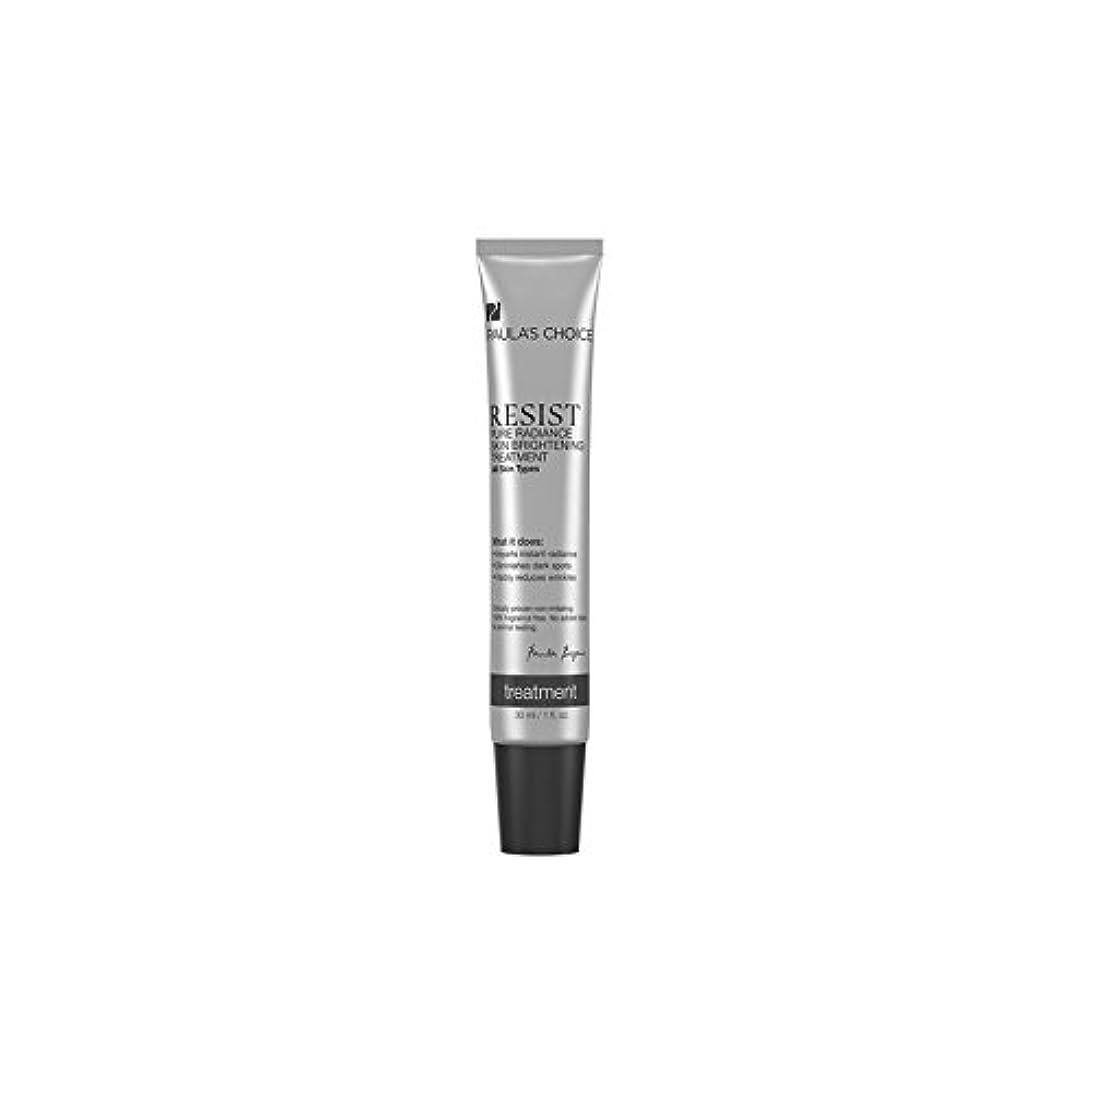 バイオレット頂点祭司ポーラチョイスは純粋な輝き肌ブライトニングトリートメント(30ミリリットル)を抵抗します x4 - Paula's Choice Resist Pure Radiance Skin Brightening Treatment...